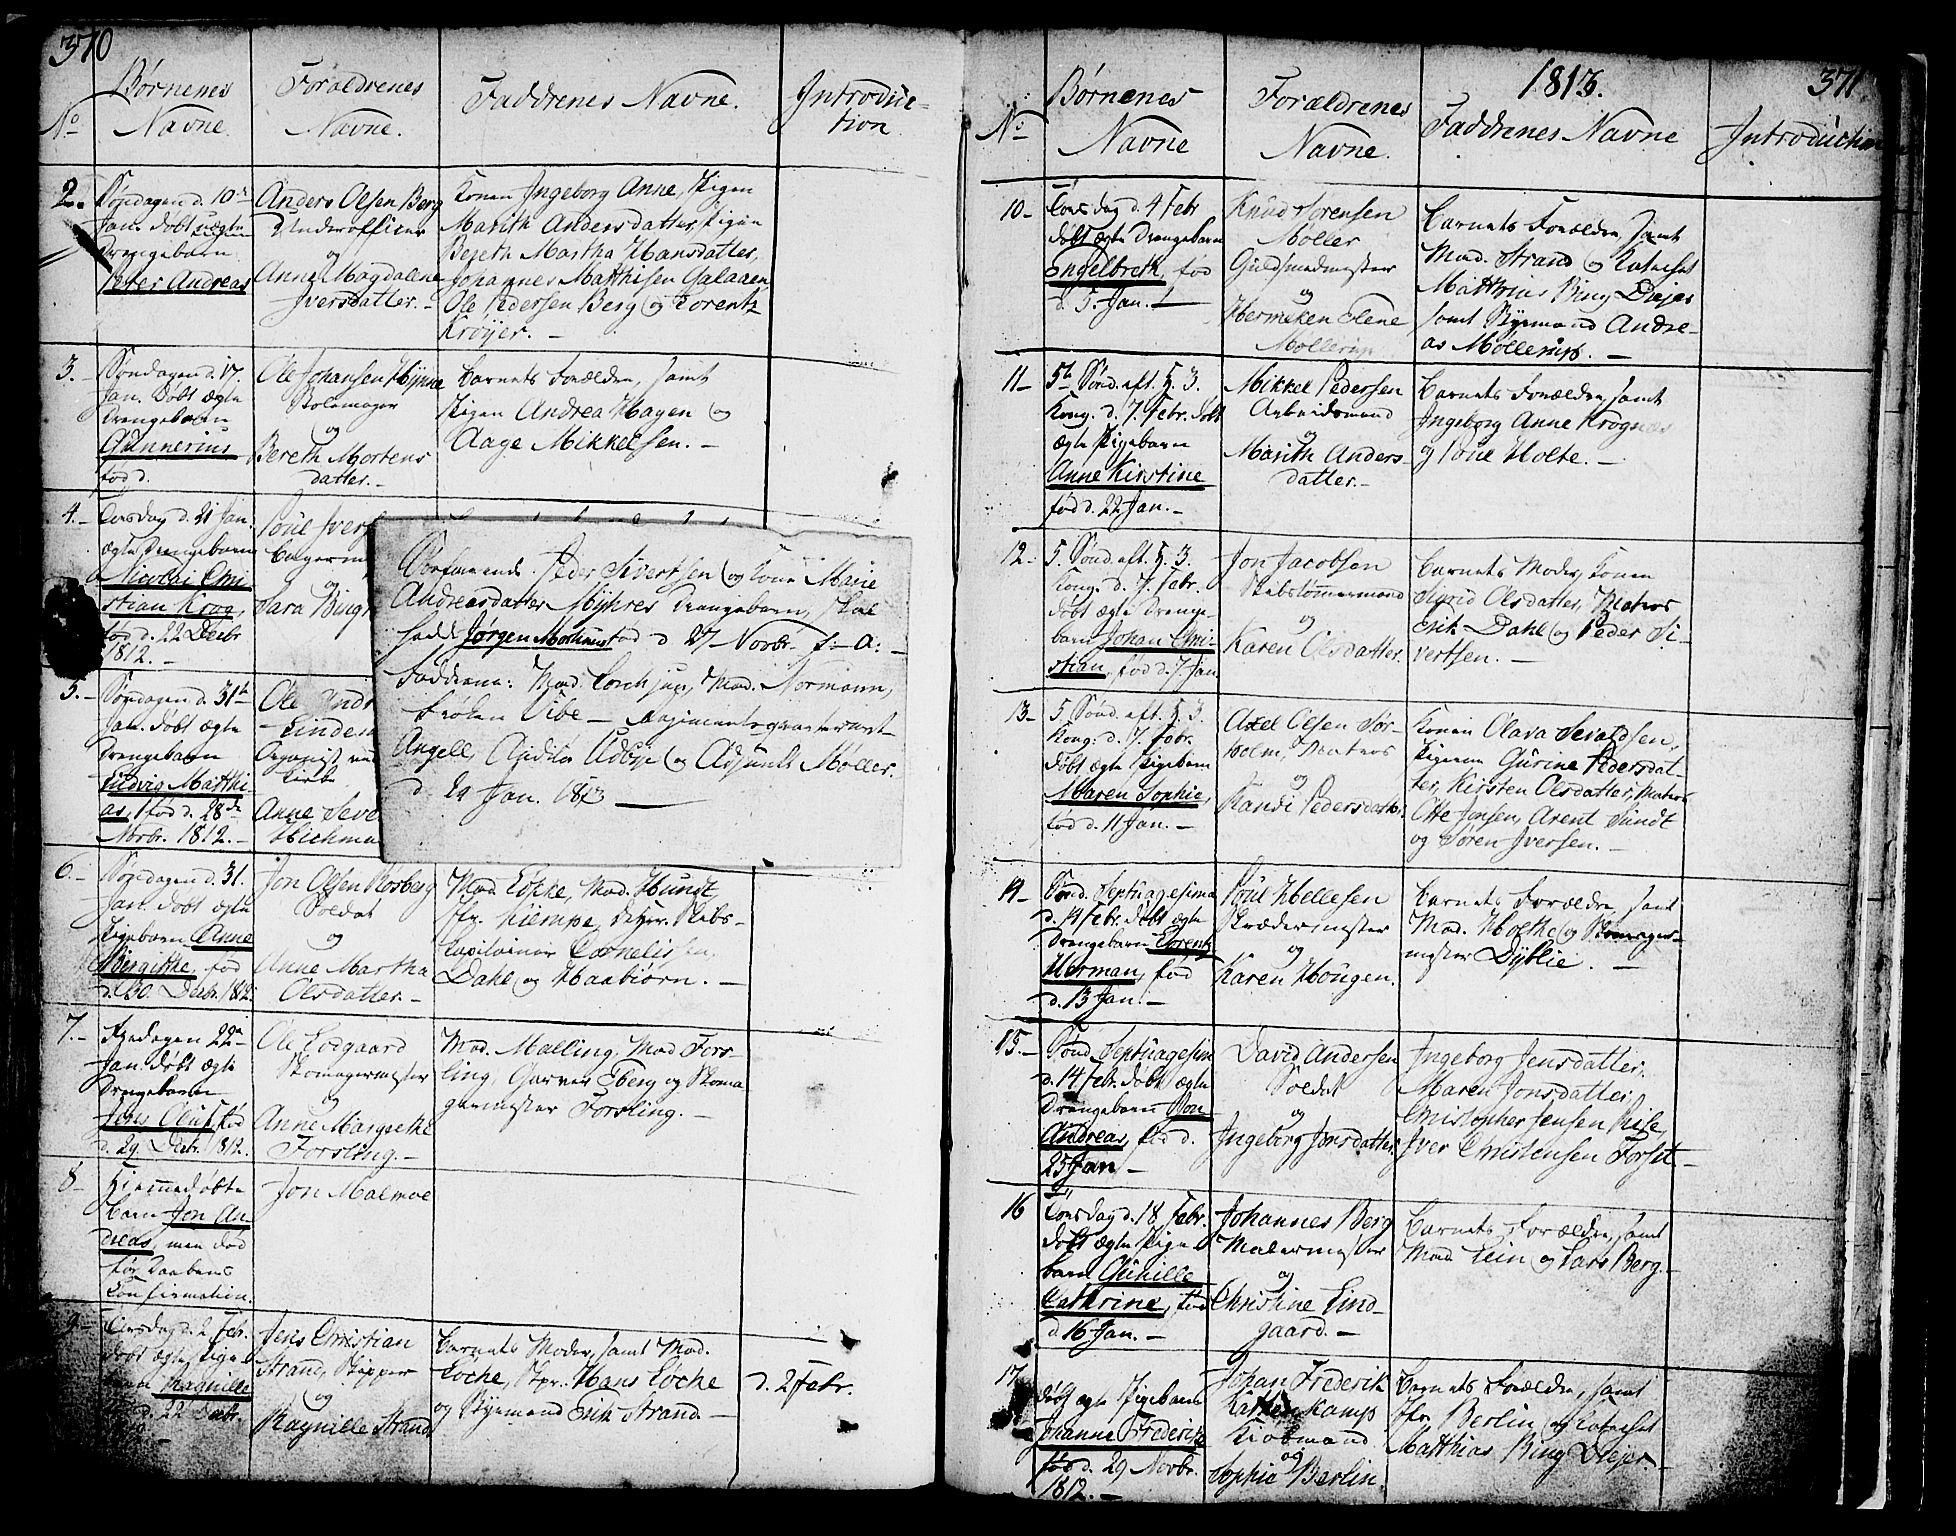 SAT, Ministerialprotokoller, klokkerbøker og fødselsregistre - Sør-Trøndelag, 602/L0104: Ministerialbok nr. 602A02, 1774-1814, s. 370-371